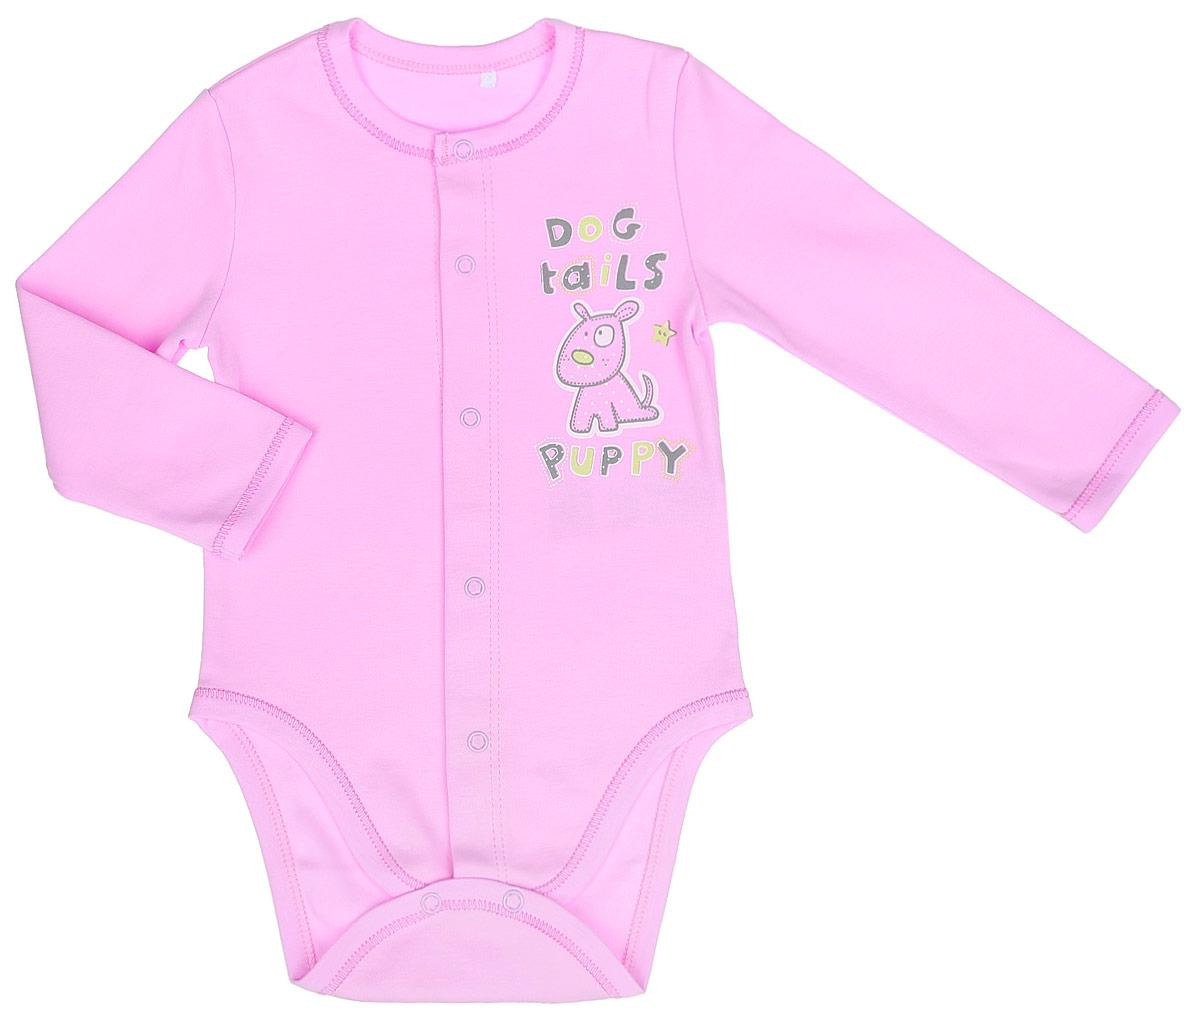 Боди детское. BD59ABD59A-10Детское боди БЕМБІ с длинными рукавами послужит идеальным дополнением к гардеробу малыша в более прохладное время года, обеспечивая ему наибольший комфорт. Изготовленное из интерлока - натурального хлопка, оно необычайно мягкое и легкое, не раздражает нежную кожу ребенка и хорошо вентилируется, а эластичные швы приятны телу малыша и не препятствуют его движениям. Удобные застежки-кнопки по всей длине и на ластовице помогают легко переодеть младенца или сменить подгузник. Спереди боди декорировано оригинальным принтом в виде забавного животного. Боди полностью соответствует особенностям жизни малыша в ранний период, не стесняя и не ограничивая его в движениях!